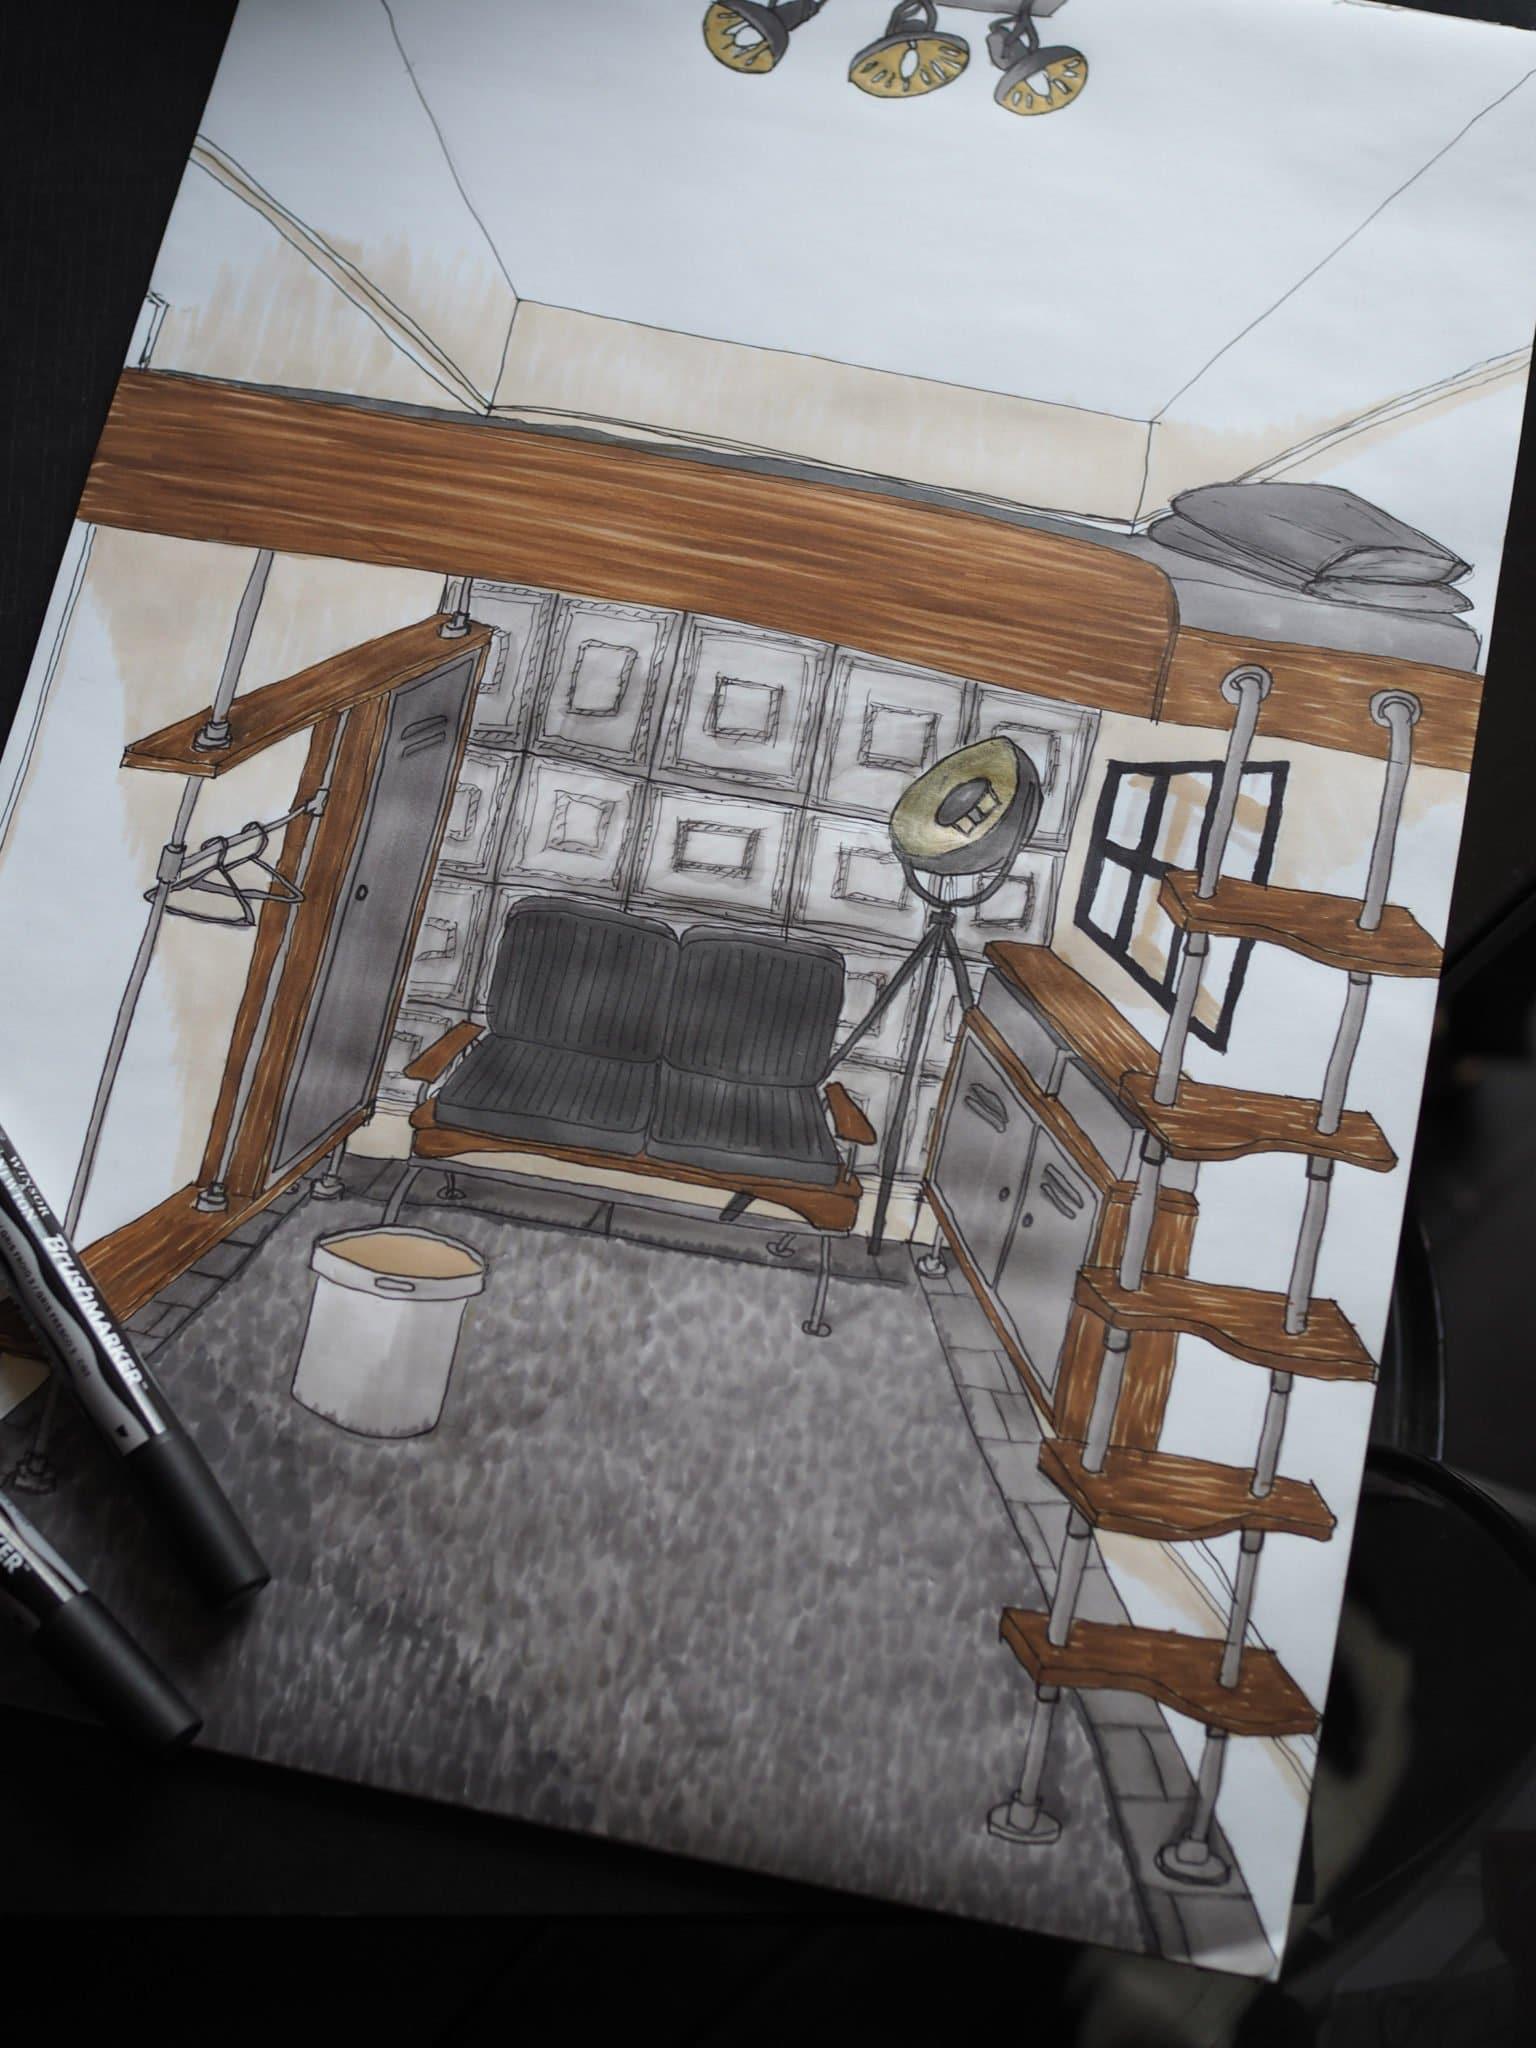 Manhatten Loft Inspired Small Bedroom